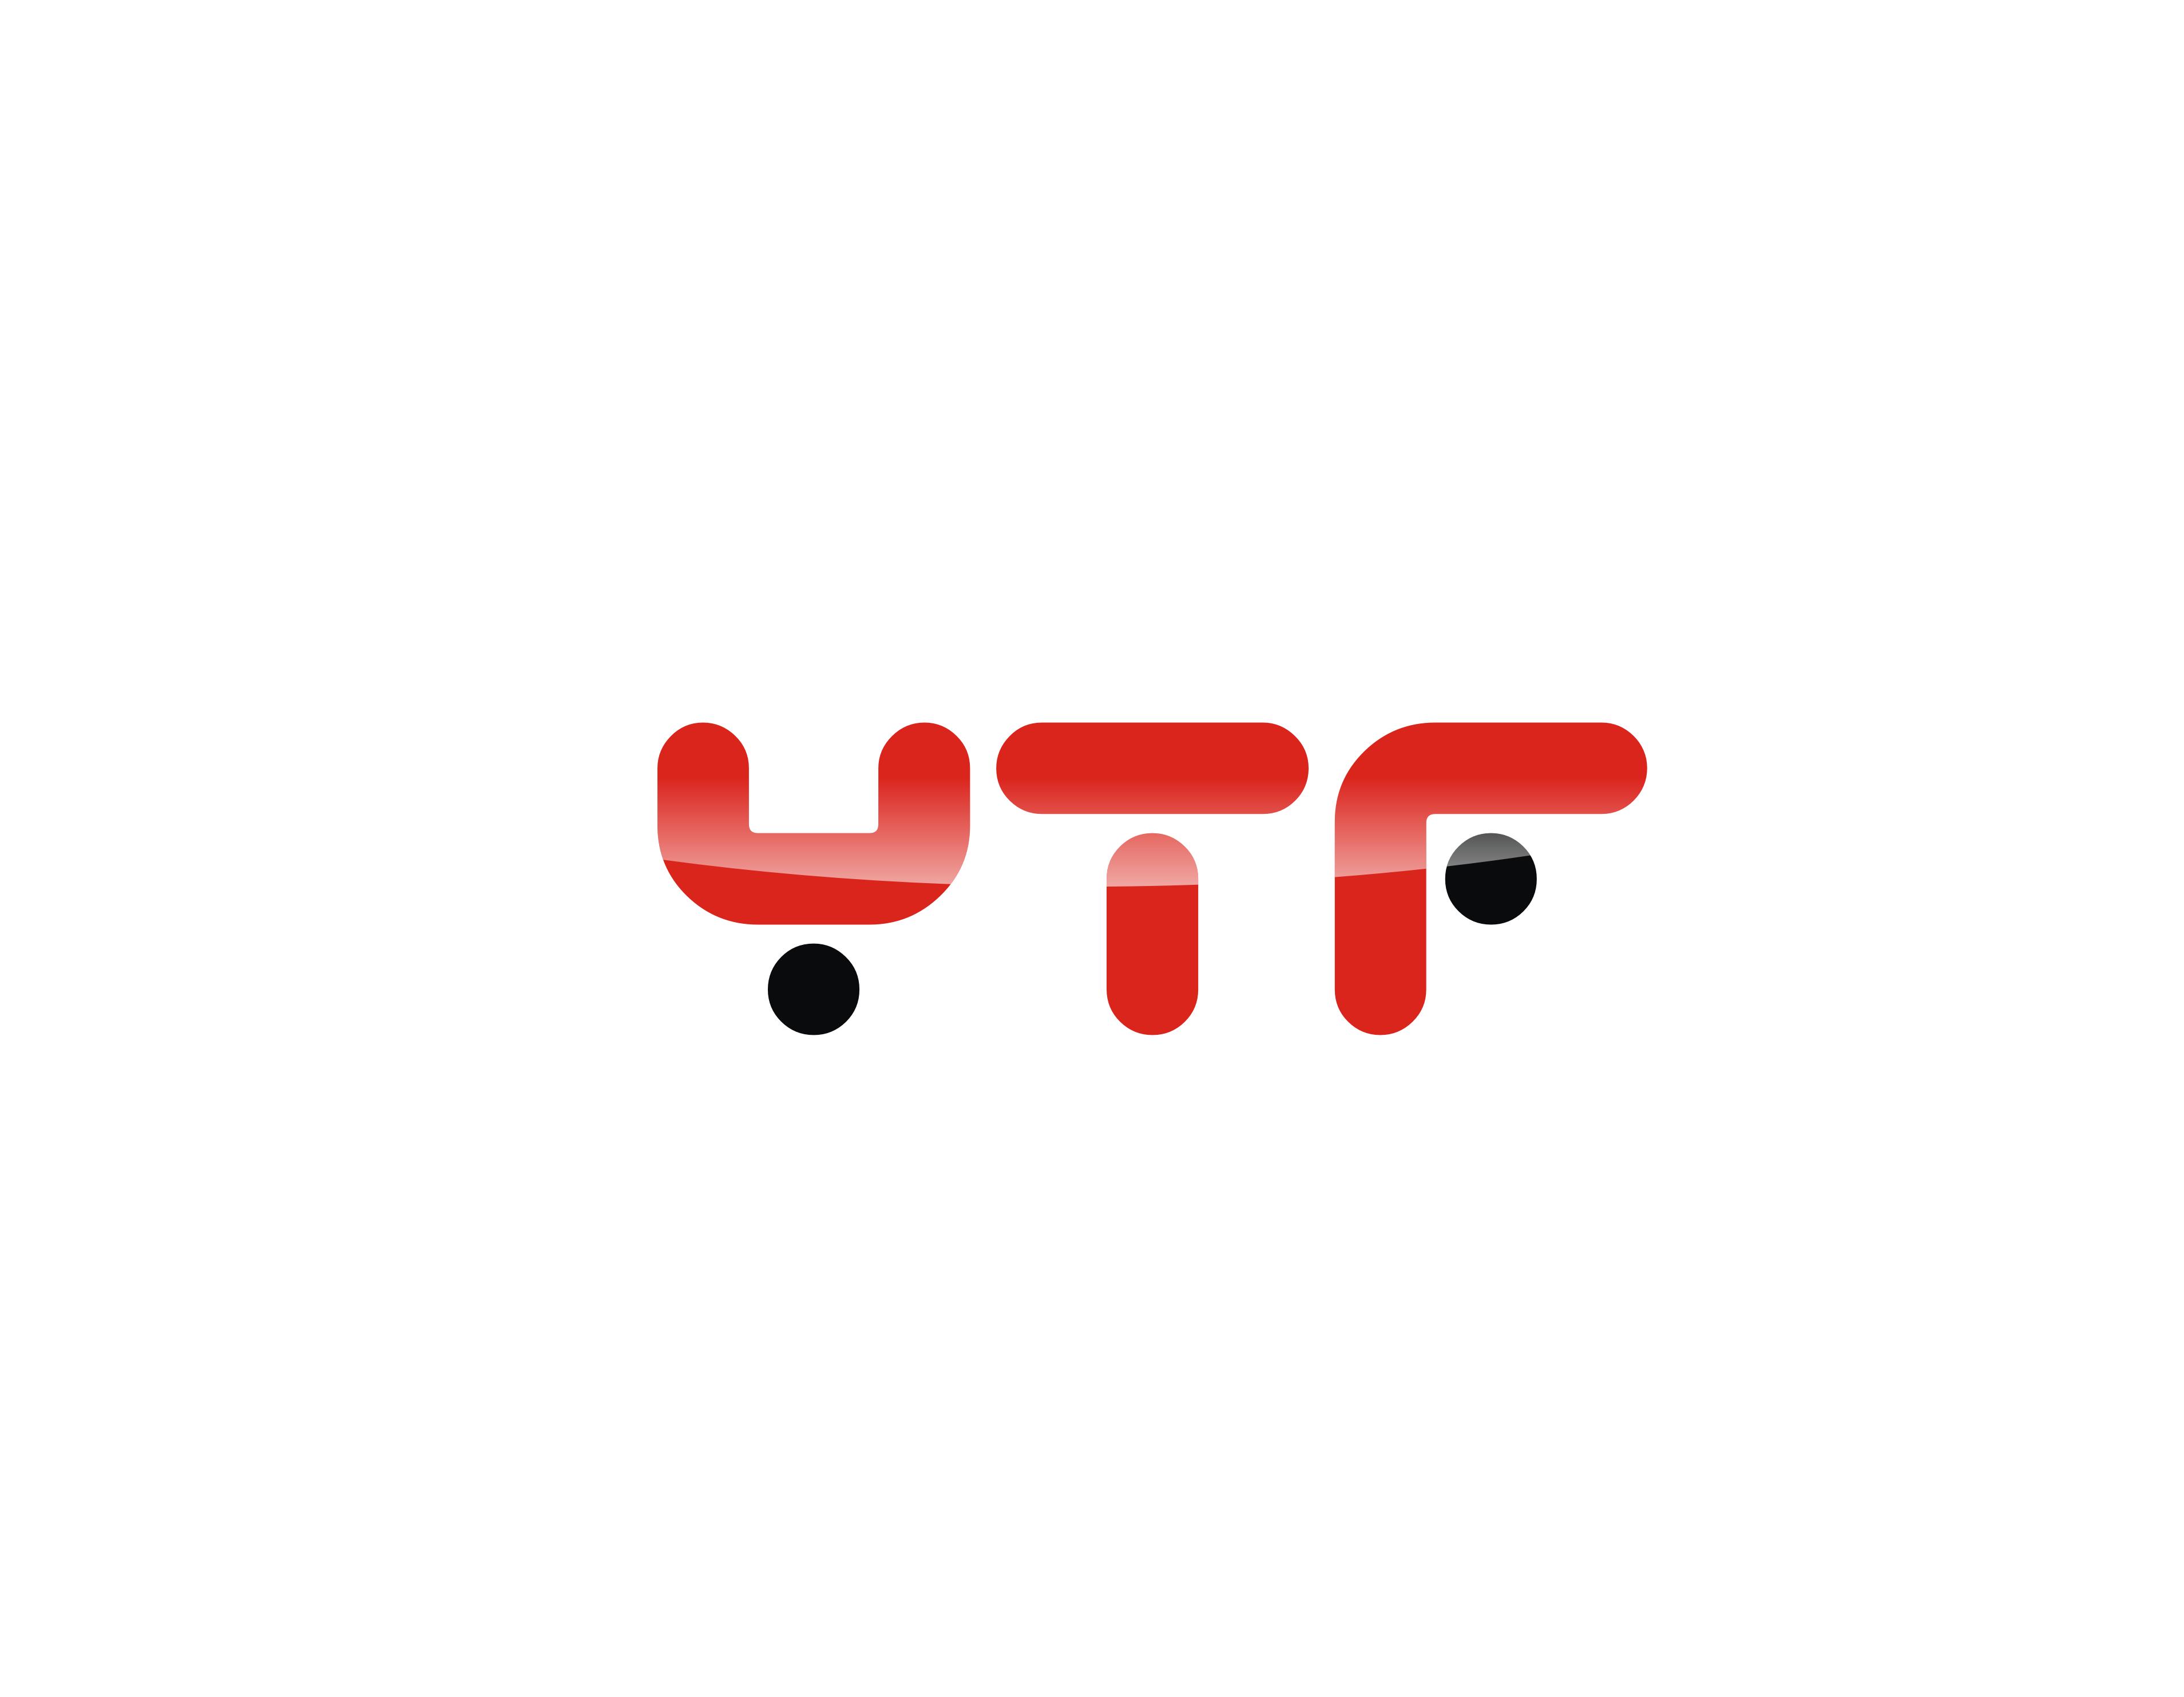 Check out this design for YTF by MycroBurst.com